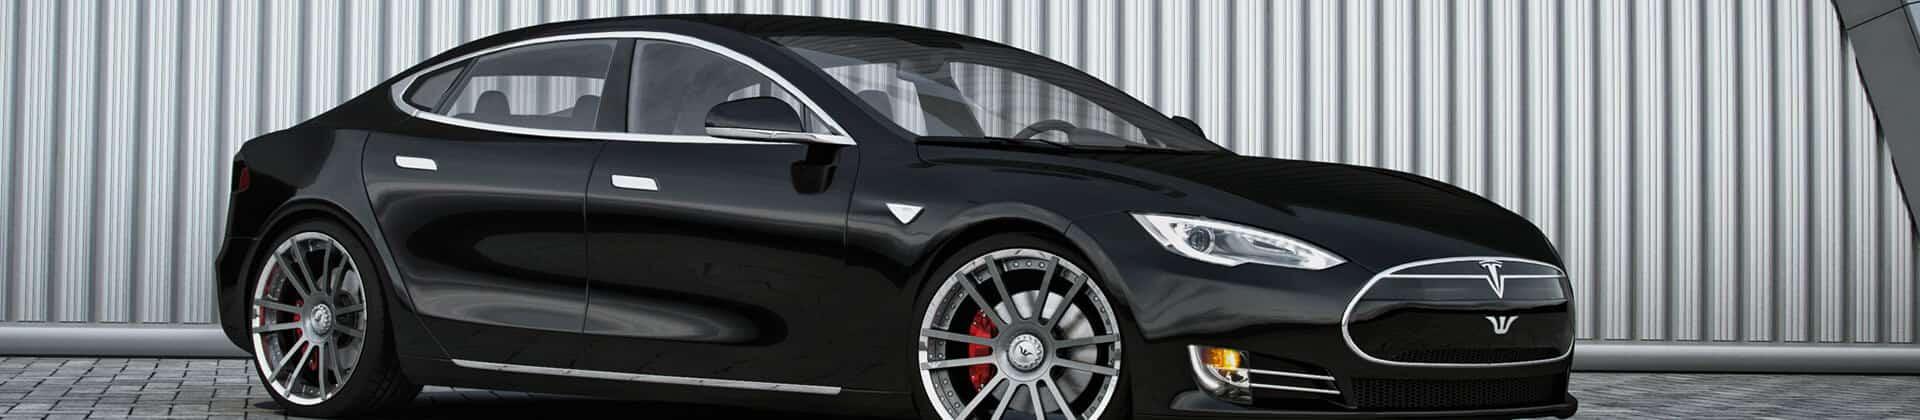 Felgen konkav Tesla S tuning